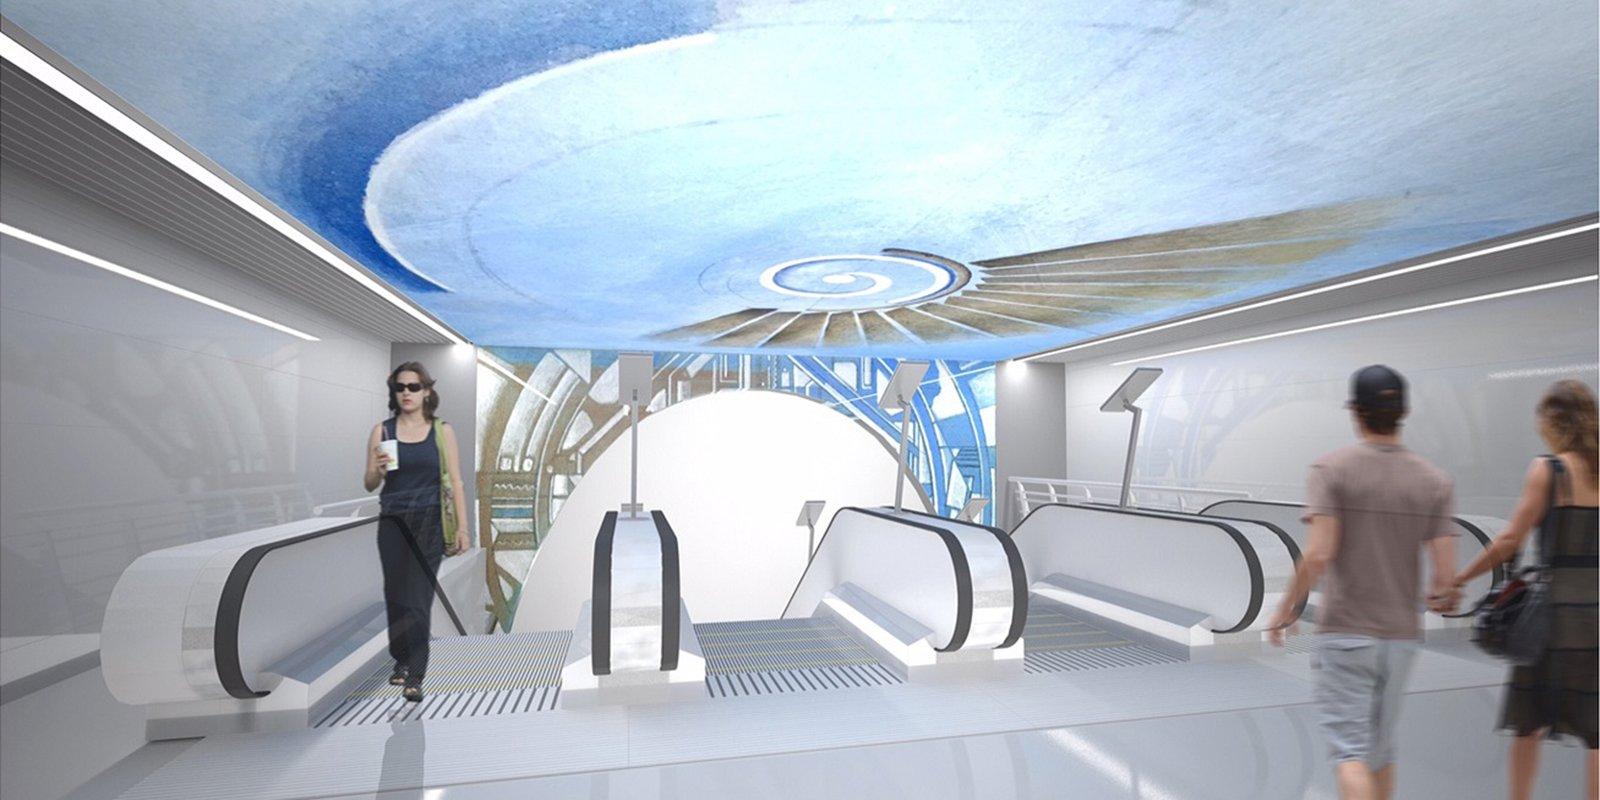 В российской столице станцию метро «Нижняя Масловка» откроют сначала 2019г.